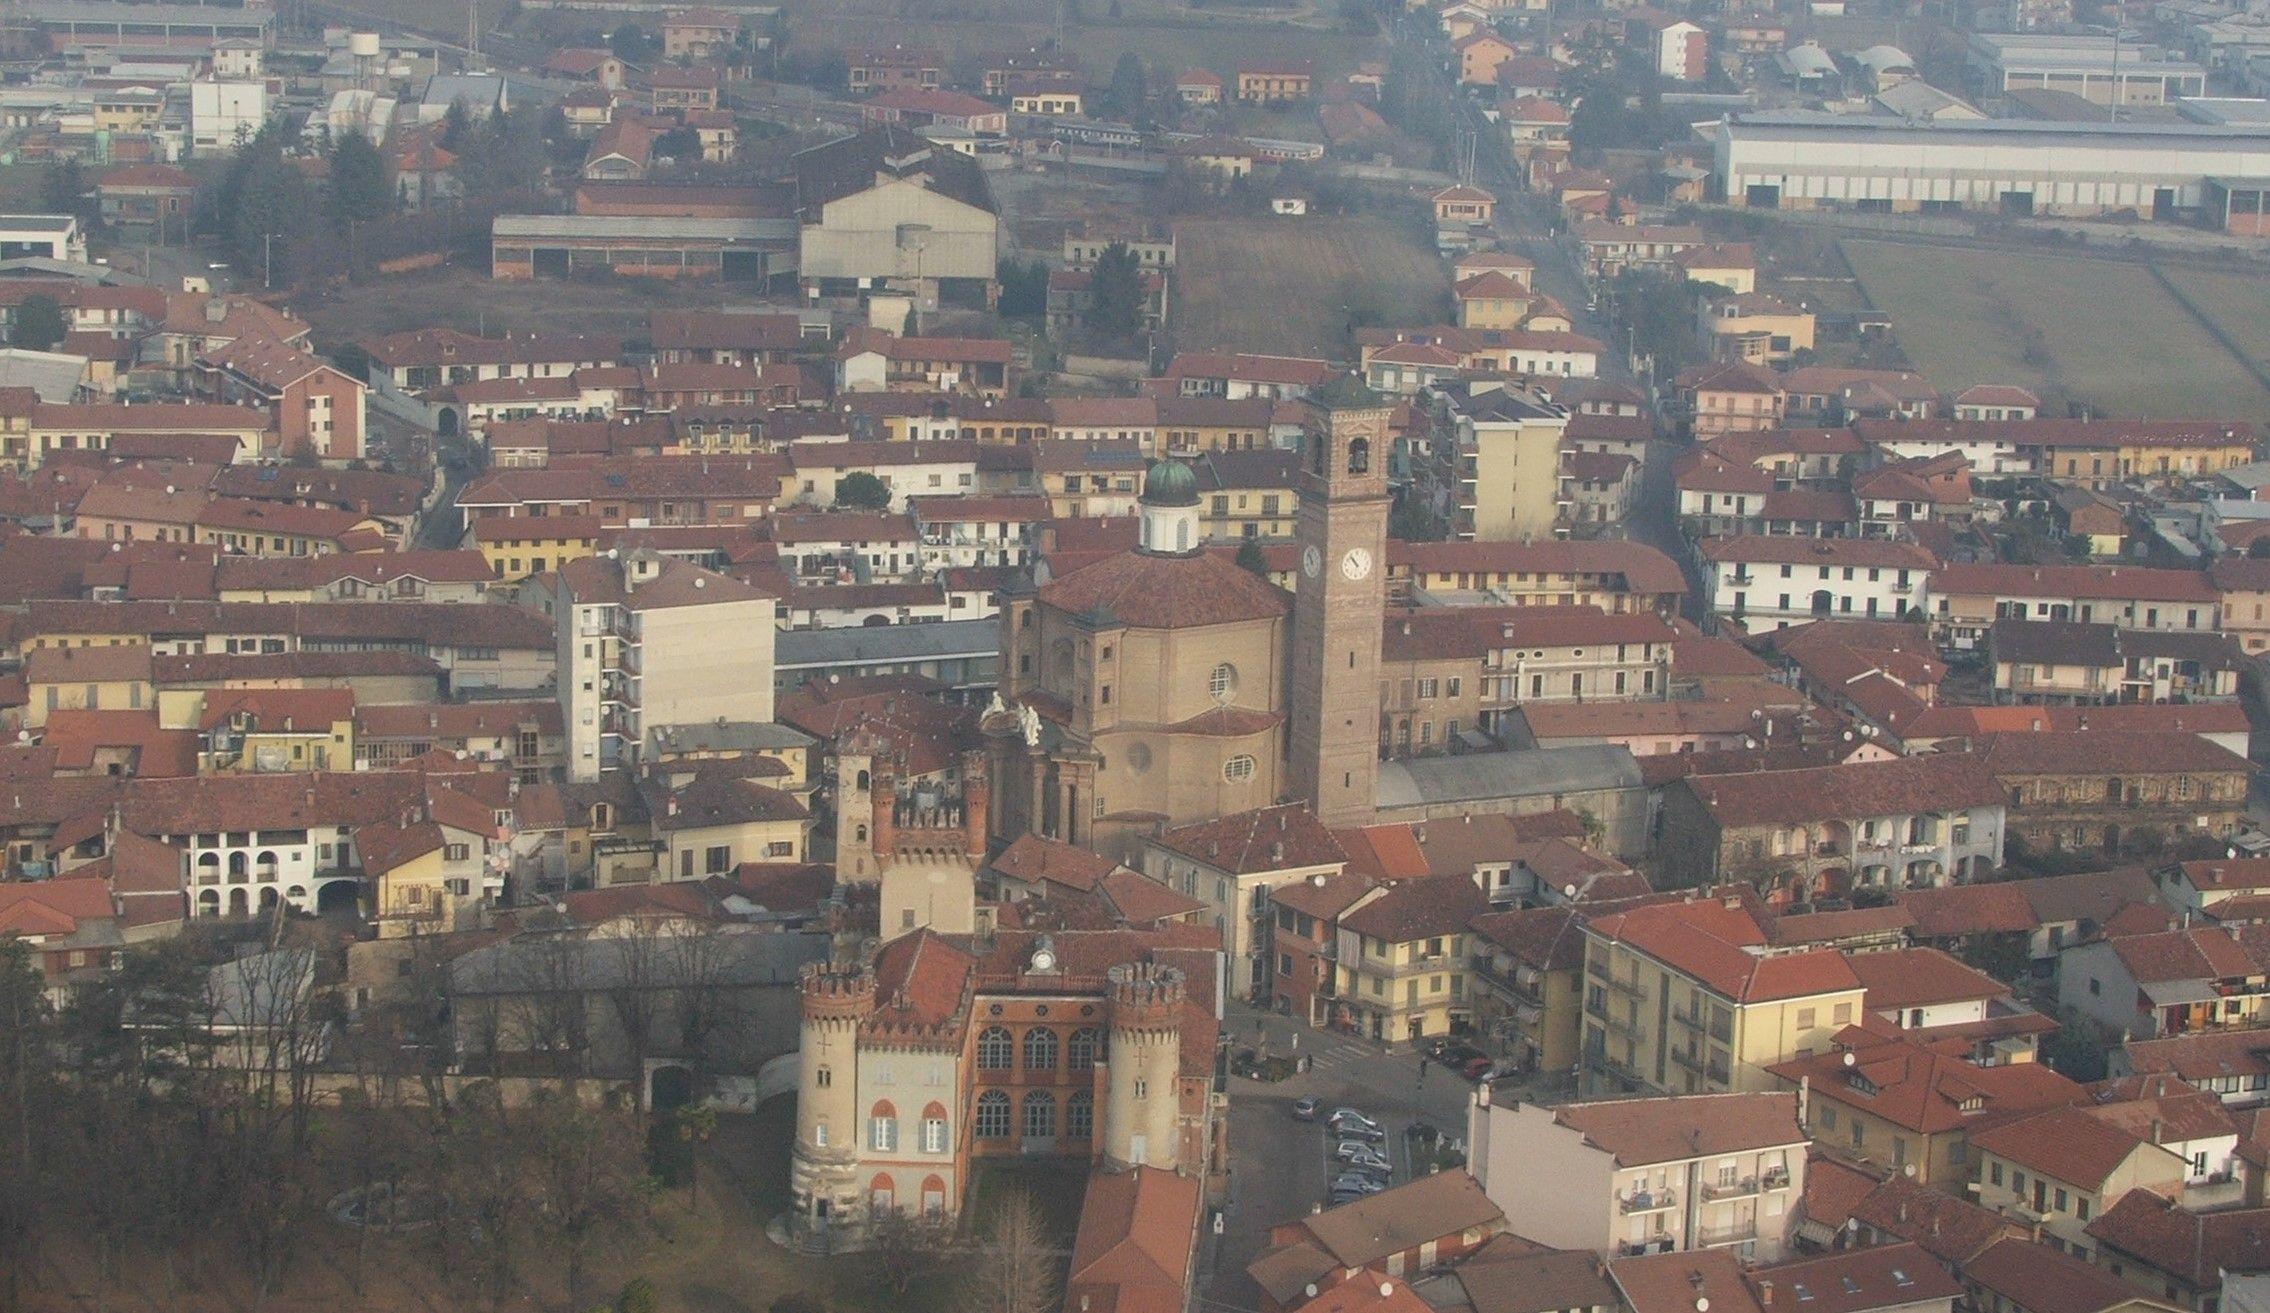 FAVRIA - Puzze insopportabili in mezzo paese: dopo l'esposto dei cittadini la procura apre un'indagine